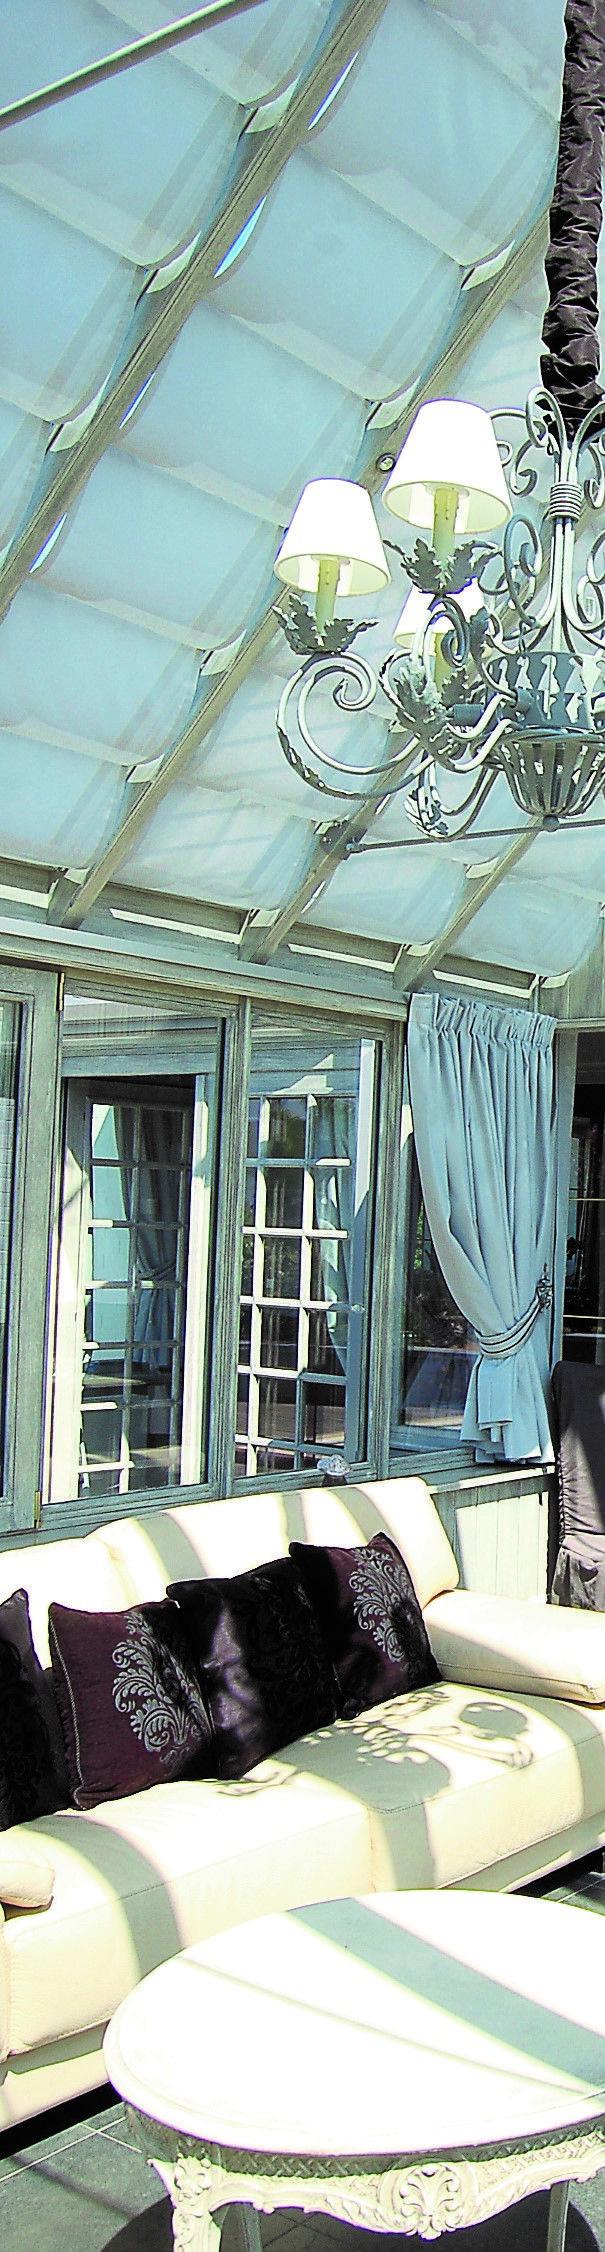 Des stores de toiture immaculés, des rideaux, un lustres éclairant en point central; des détails qui dans cette véranda font la différence.